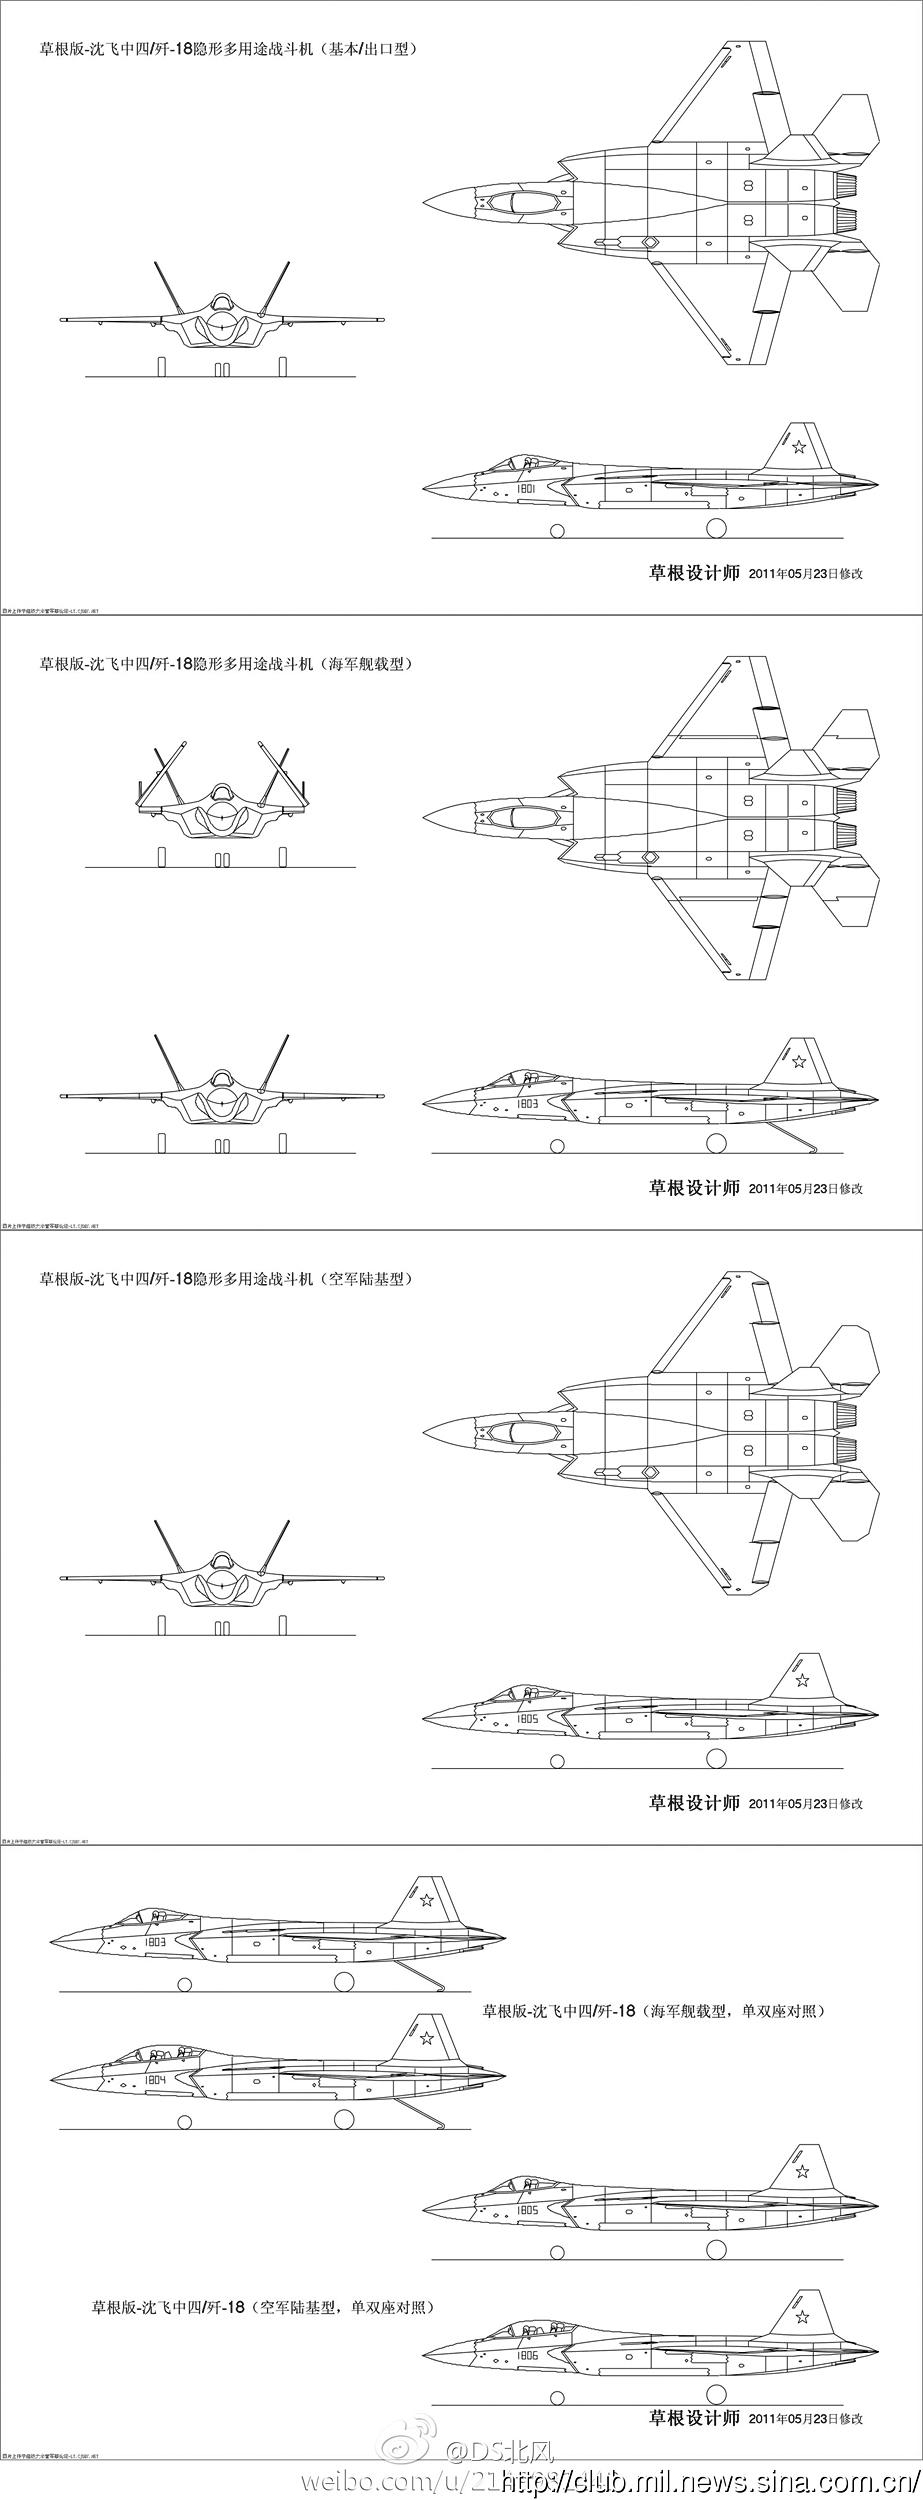 F-60 Цзянь-31. Китайский истребитель-невидимка